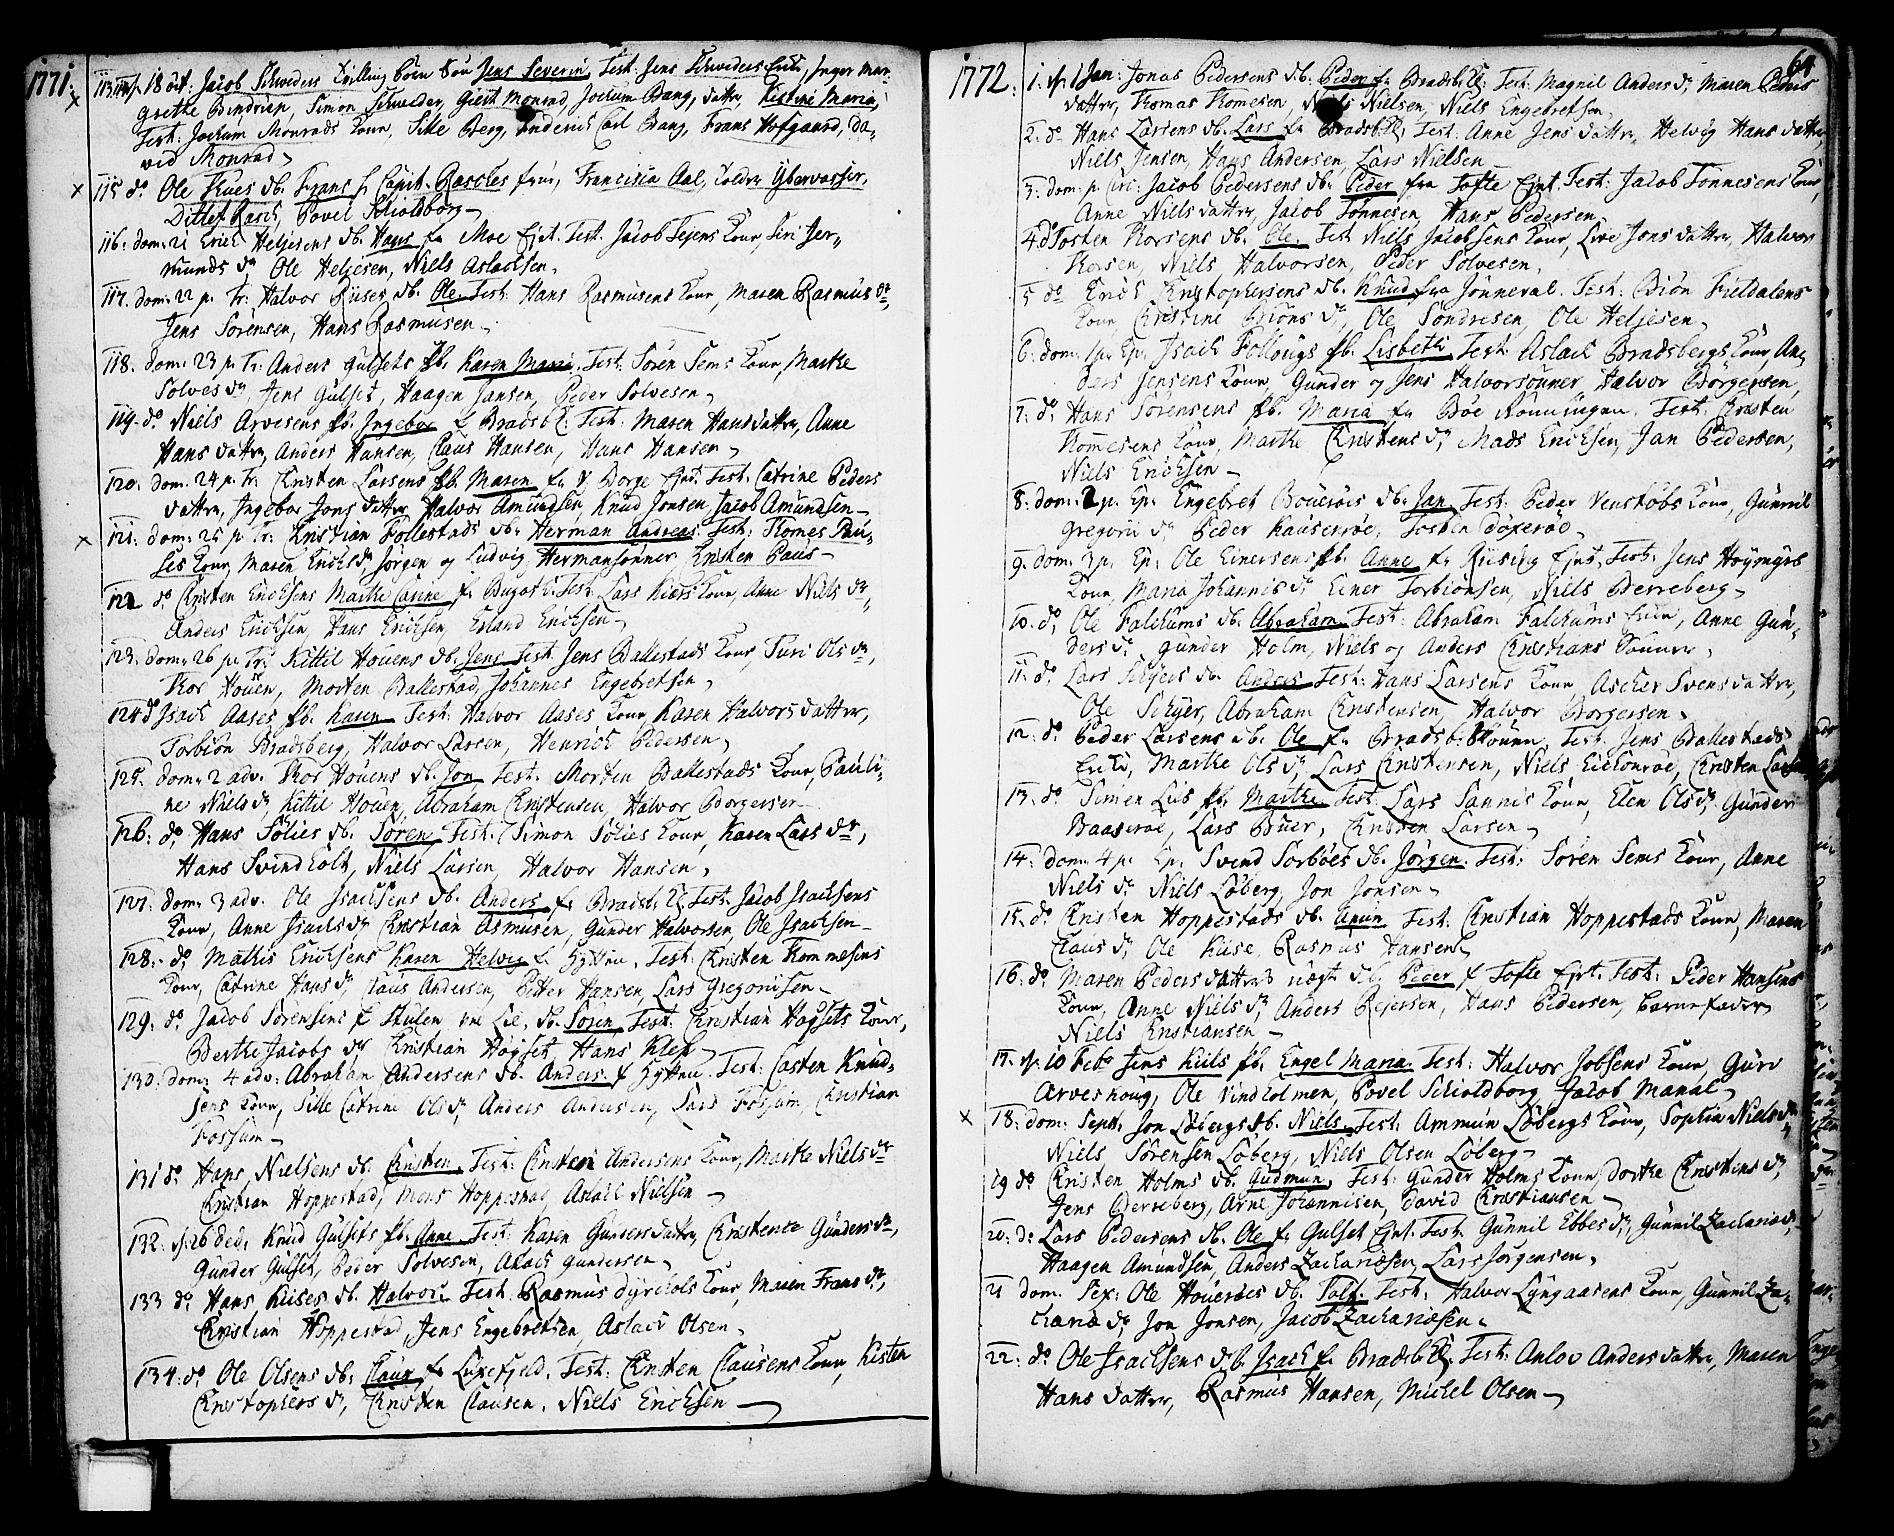 SAKO, Gjerpen kirkebøker, F/Fa/L0002: Ministerialbok nr. 2, 1747-1795, s. 64